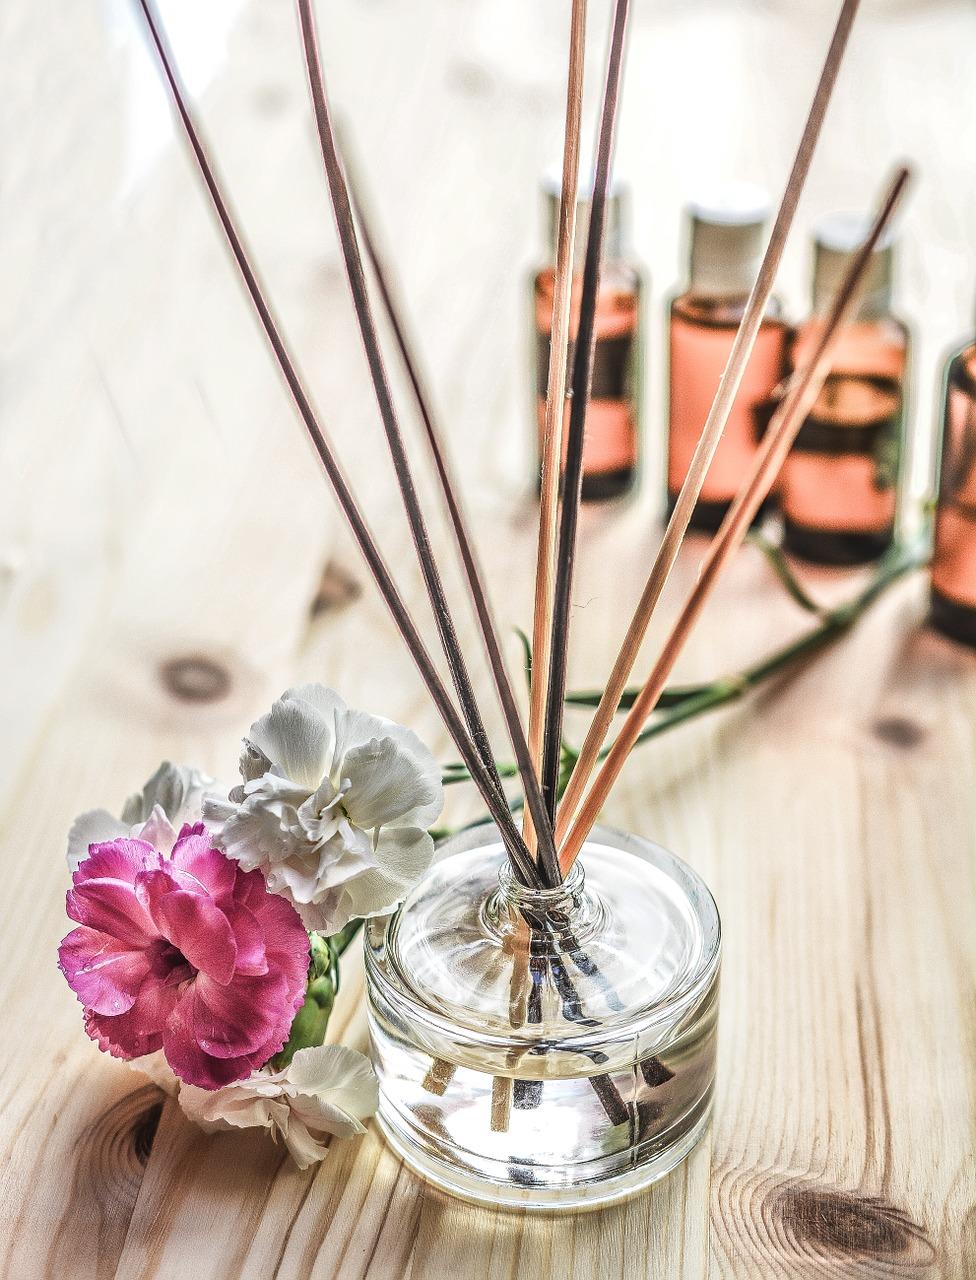 リードディフューザーは竹串と瓶があれば簡単にできる|眠っている香水の活用法